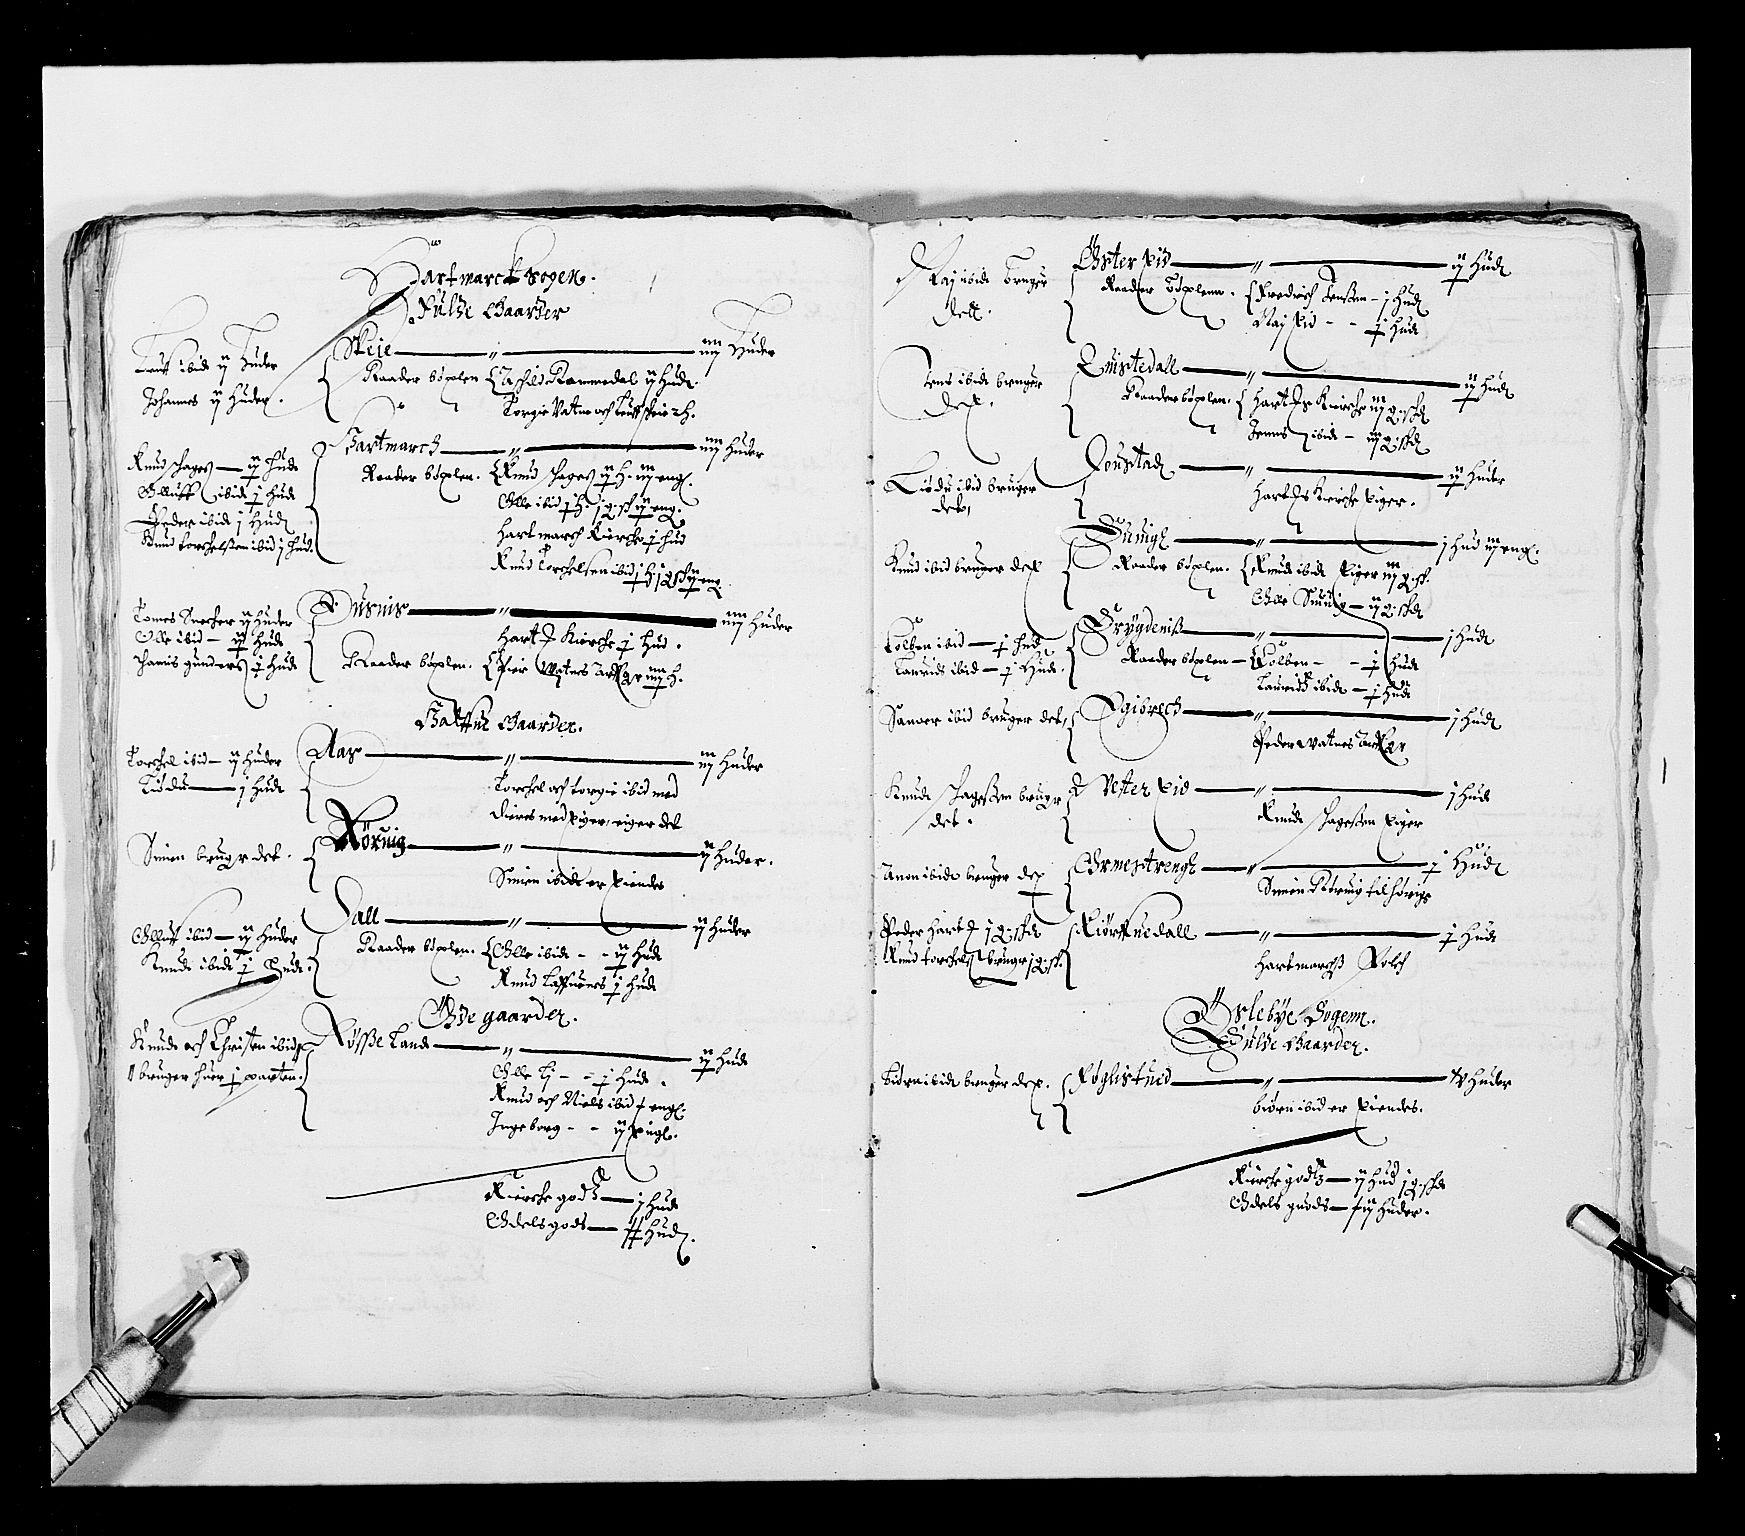 RA, Stattholderembetet 1572-1771, Ek/L0023: Jordebøker 1633-1658:, 1648-1649, s. 60